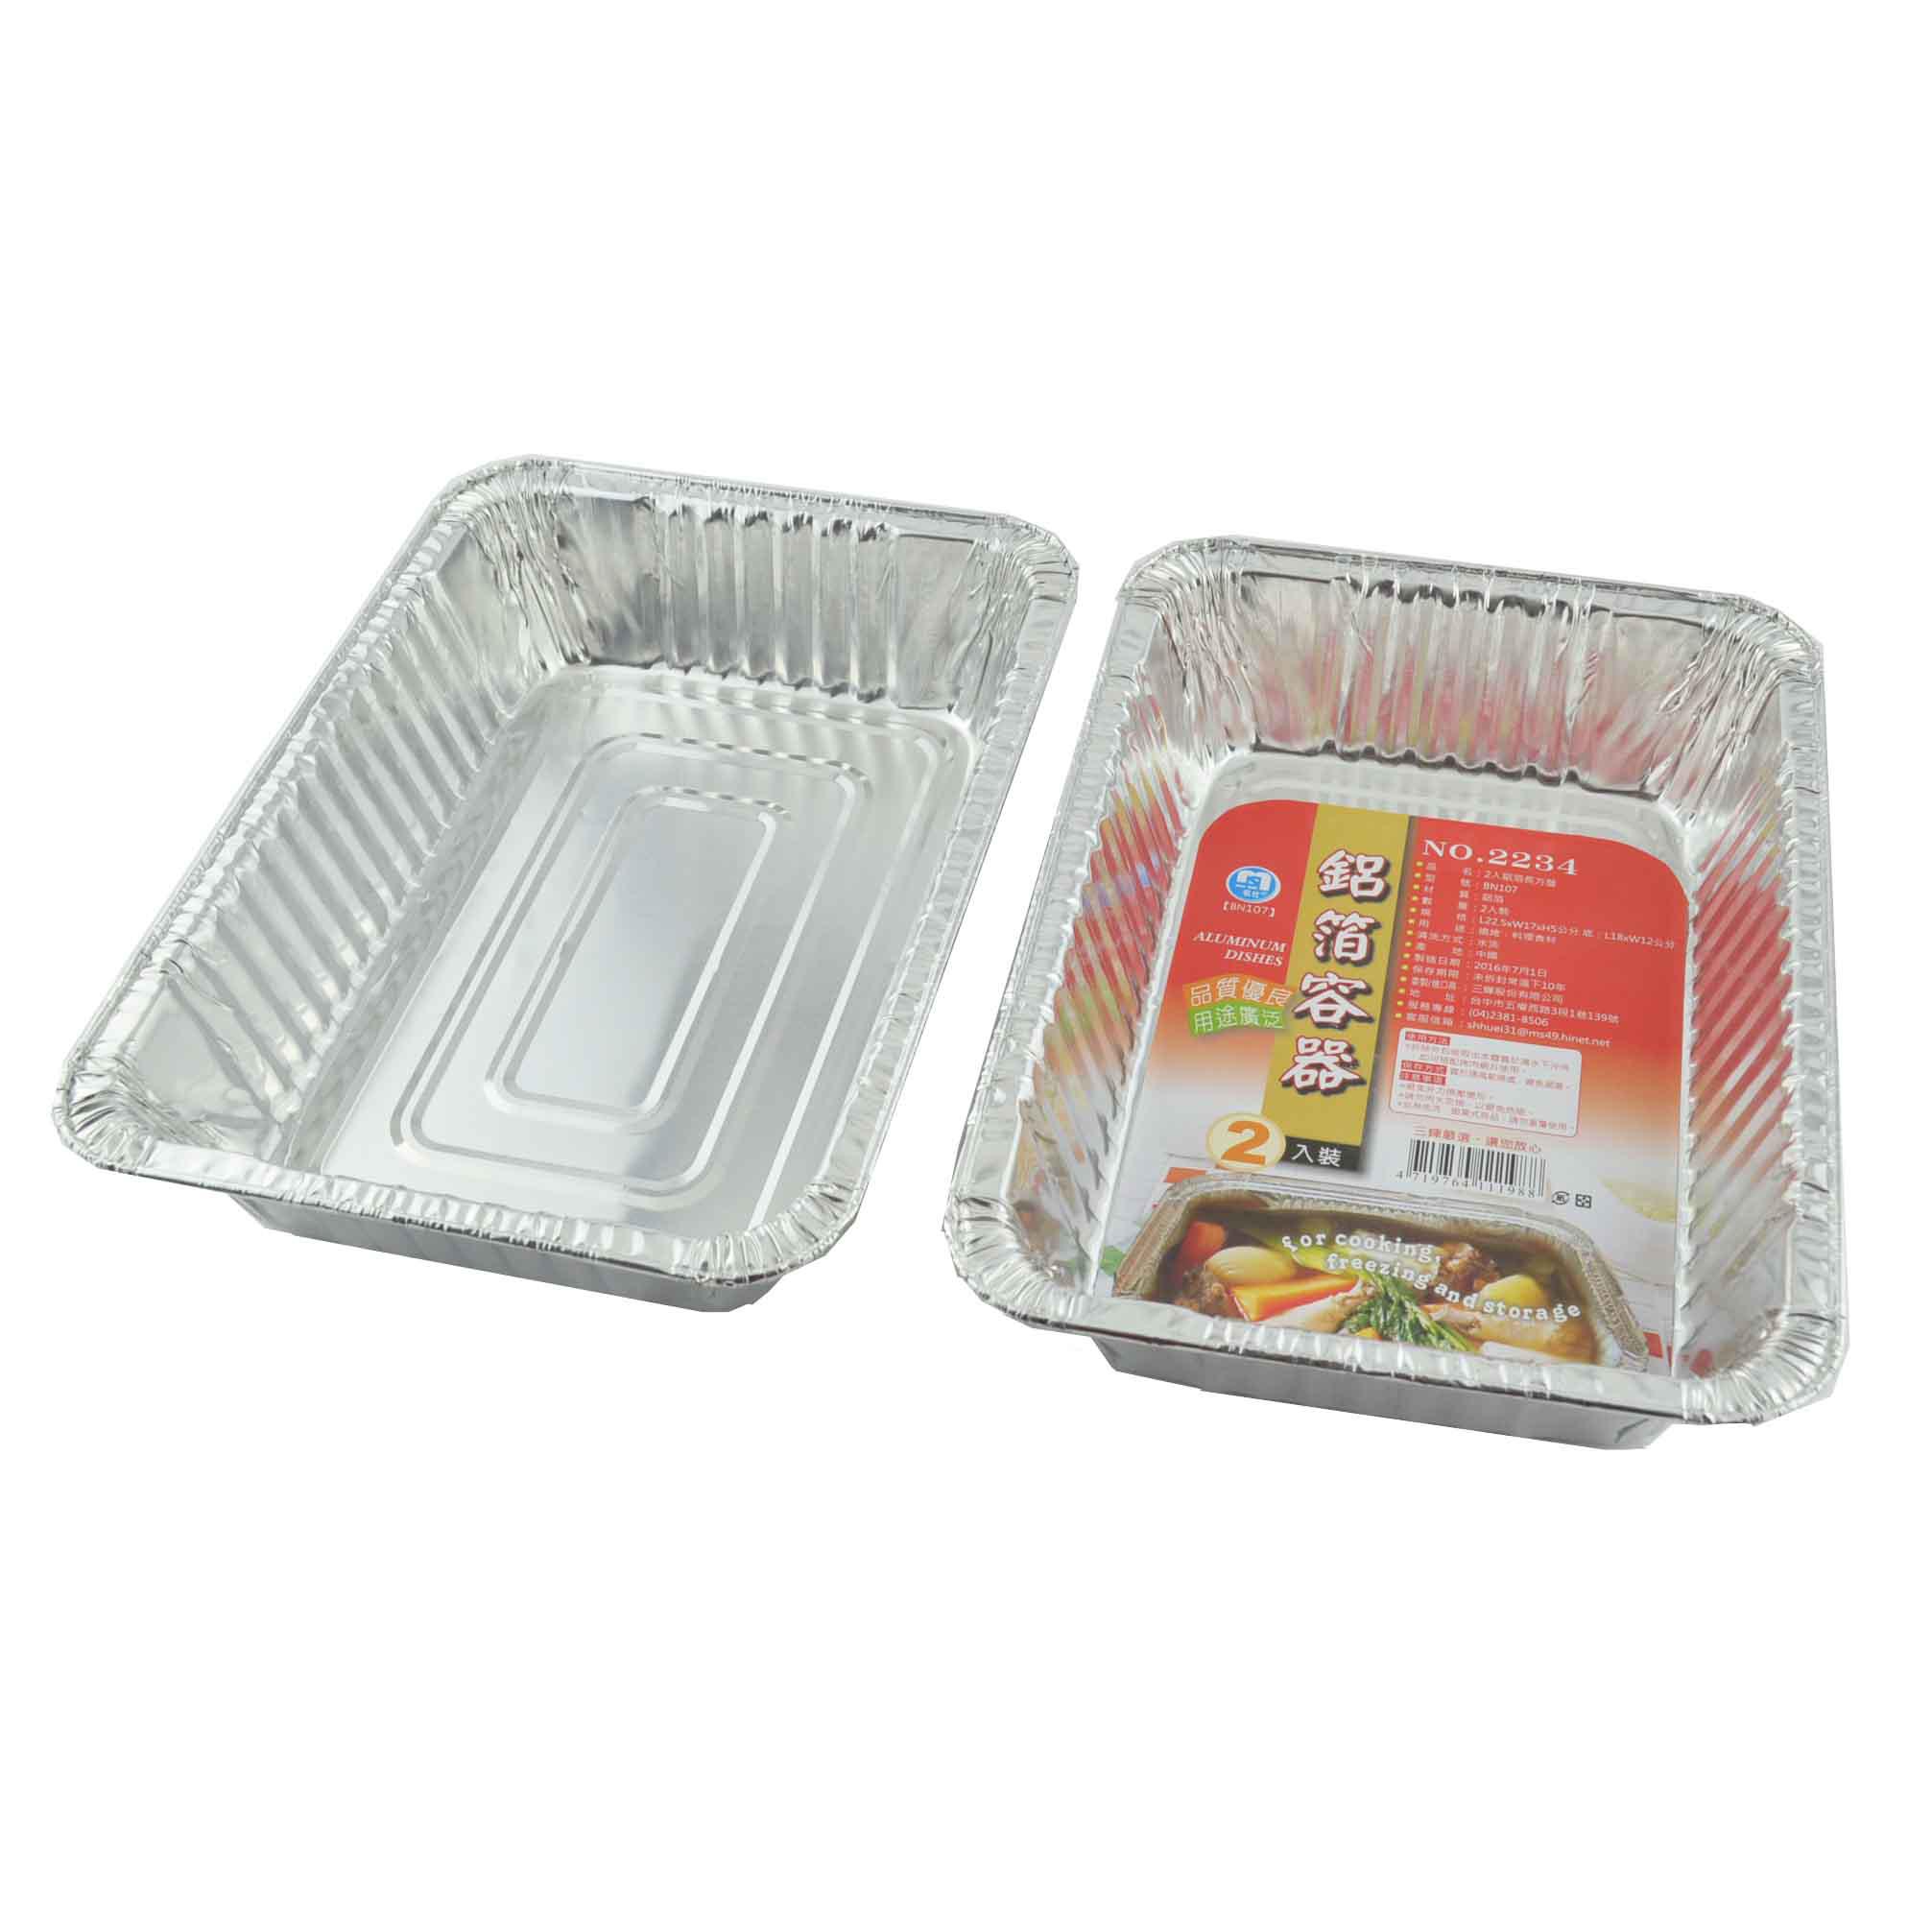 2入鋁箔長方盤NO.2234 鋁箔容器 免洗餐具 麵包盒 鋁箔盒 鋁箔碗 焗烤盒 烤肉鋁箔盒 錫紙盒 燒烤 烘焙盒 烤箱盒